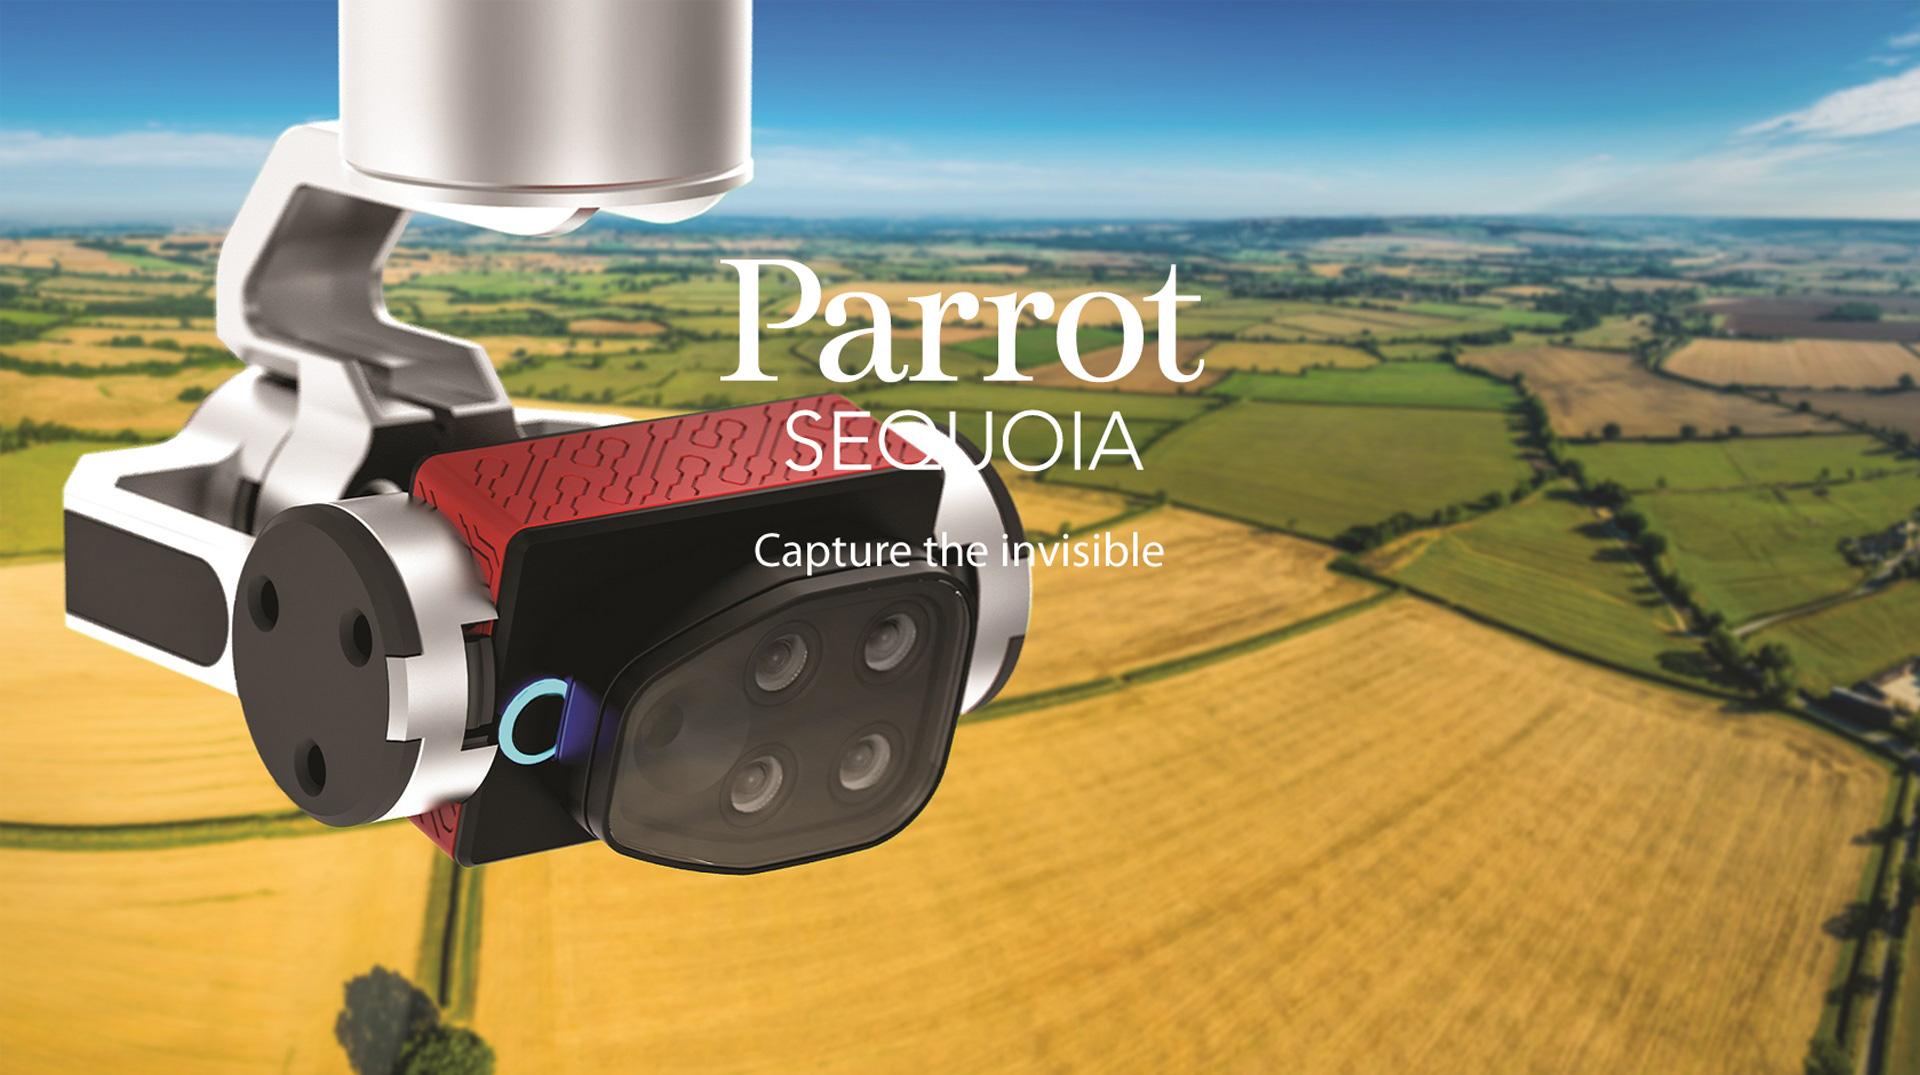 Parrot Sequoia : la caméra à 3200 euros pour drone qui simplifie la vie des agriculteurs